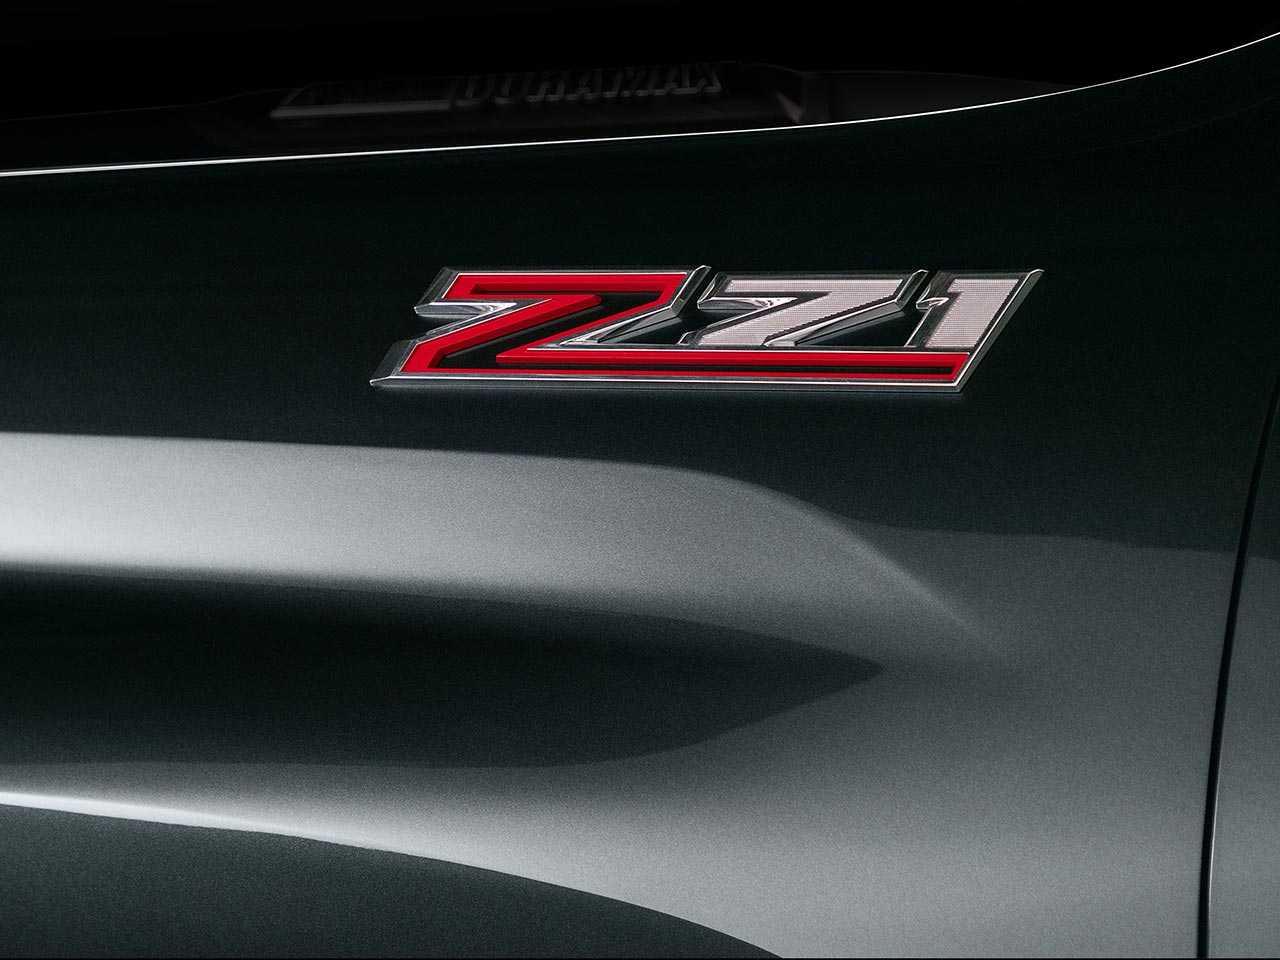 Detalhe do logotipo Z71 identificando a versão em alguns utilitários da Chevrolet